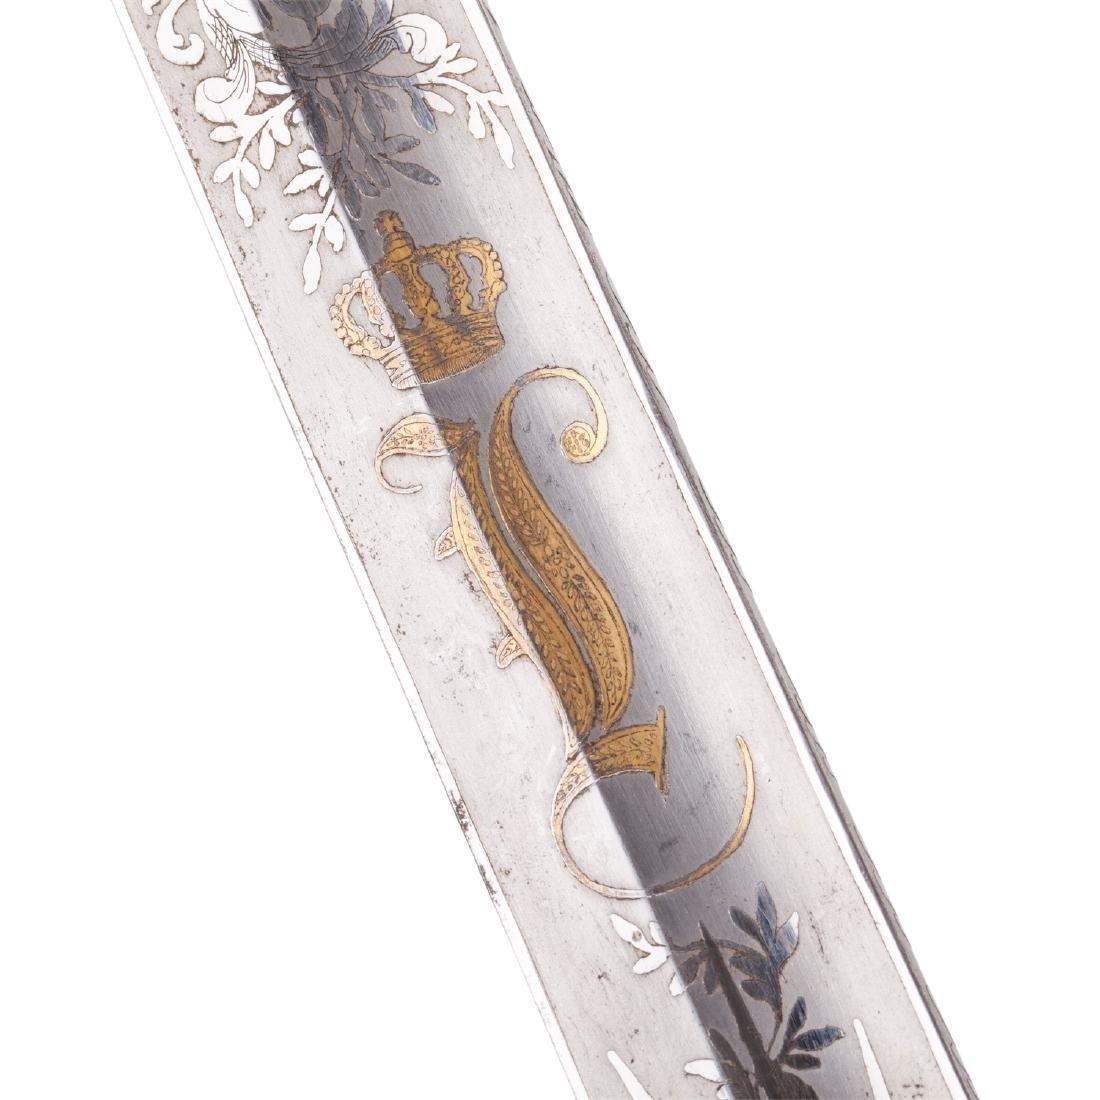 Hunting dagger with Grand Duke of Baden monogram - 10